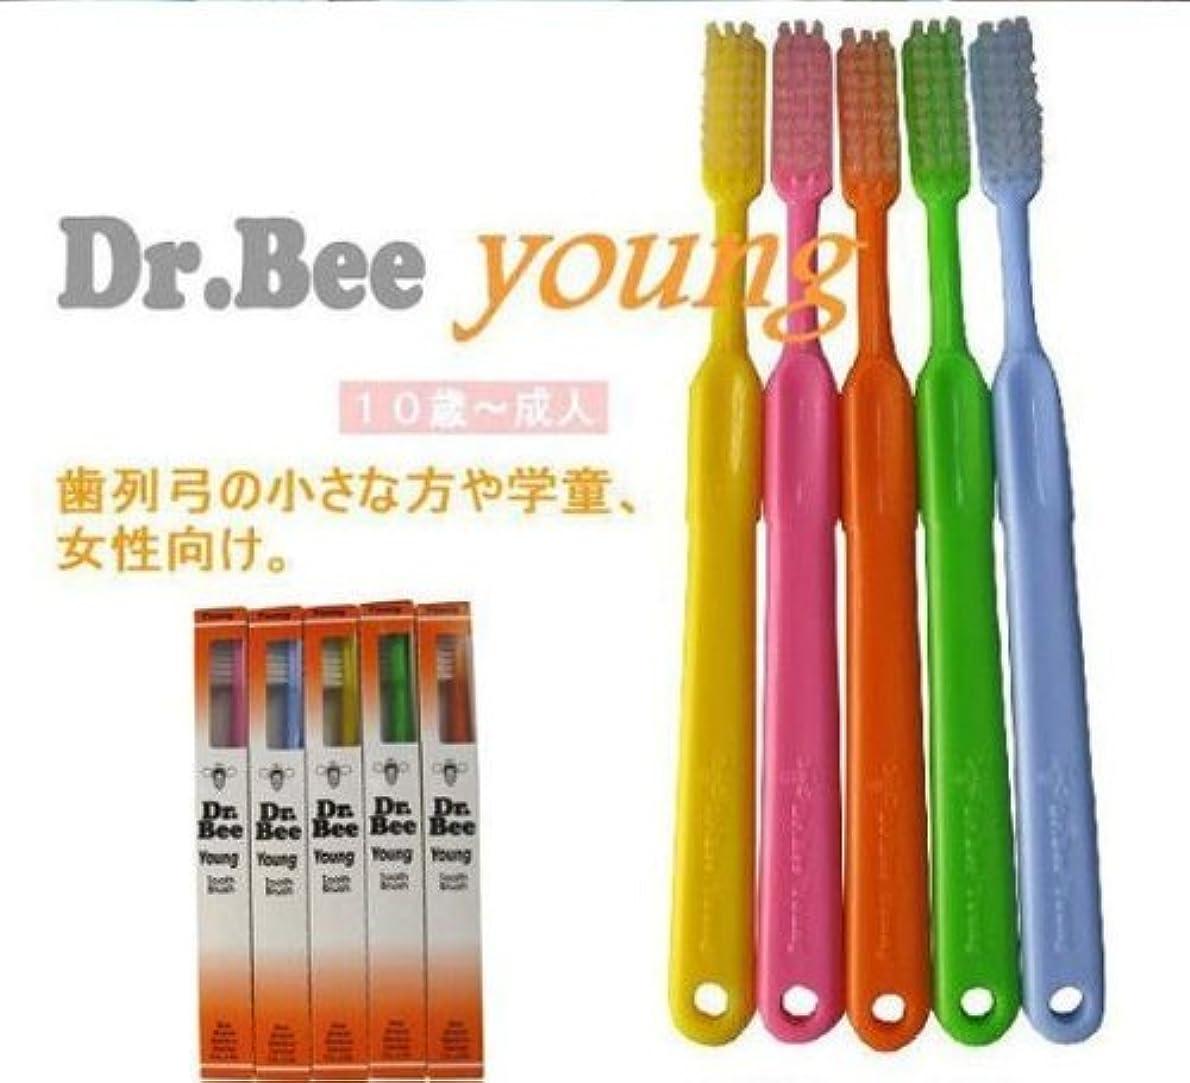 ファンシーパトロール座標BeeBrand Dr.BEE 歯ブラシヤング かため